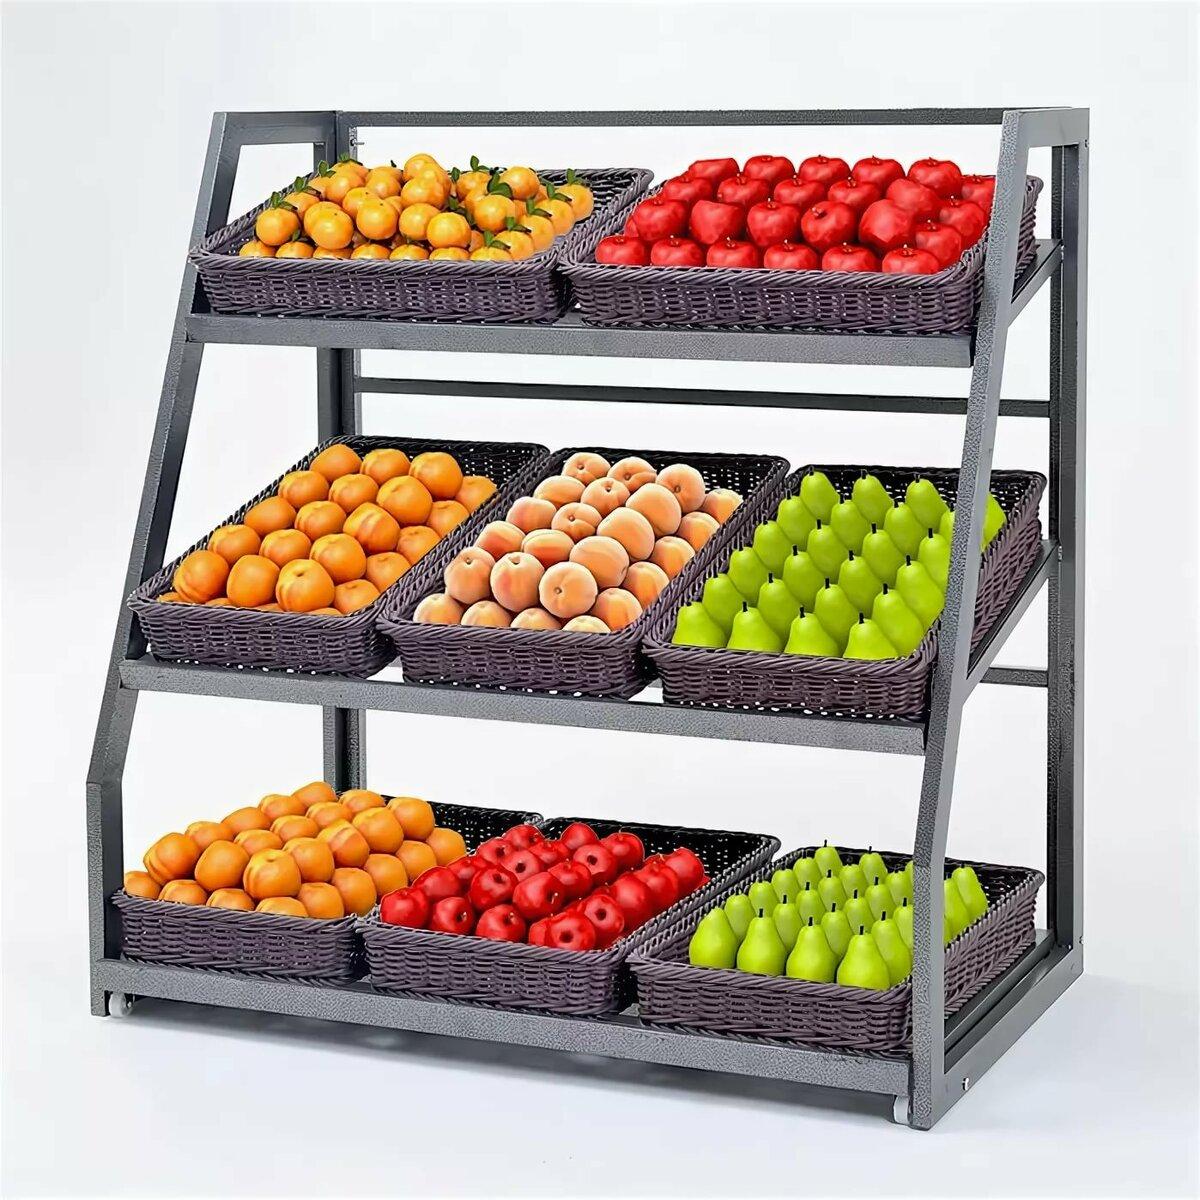 картинки оборудование для овощей мужчины все